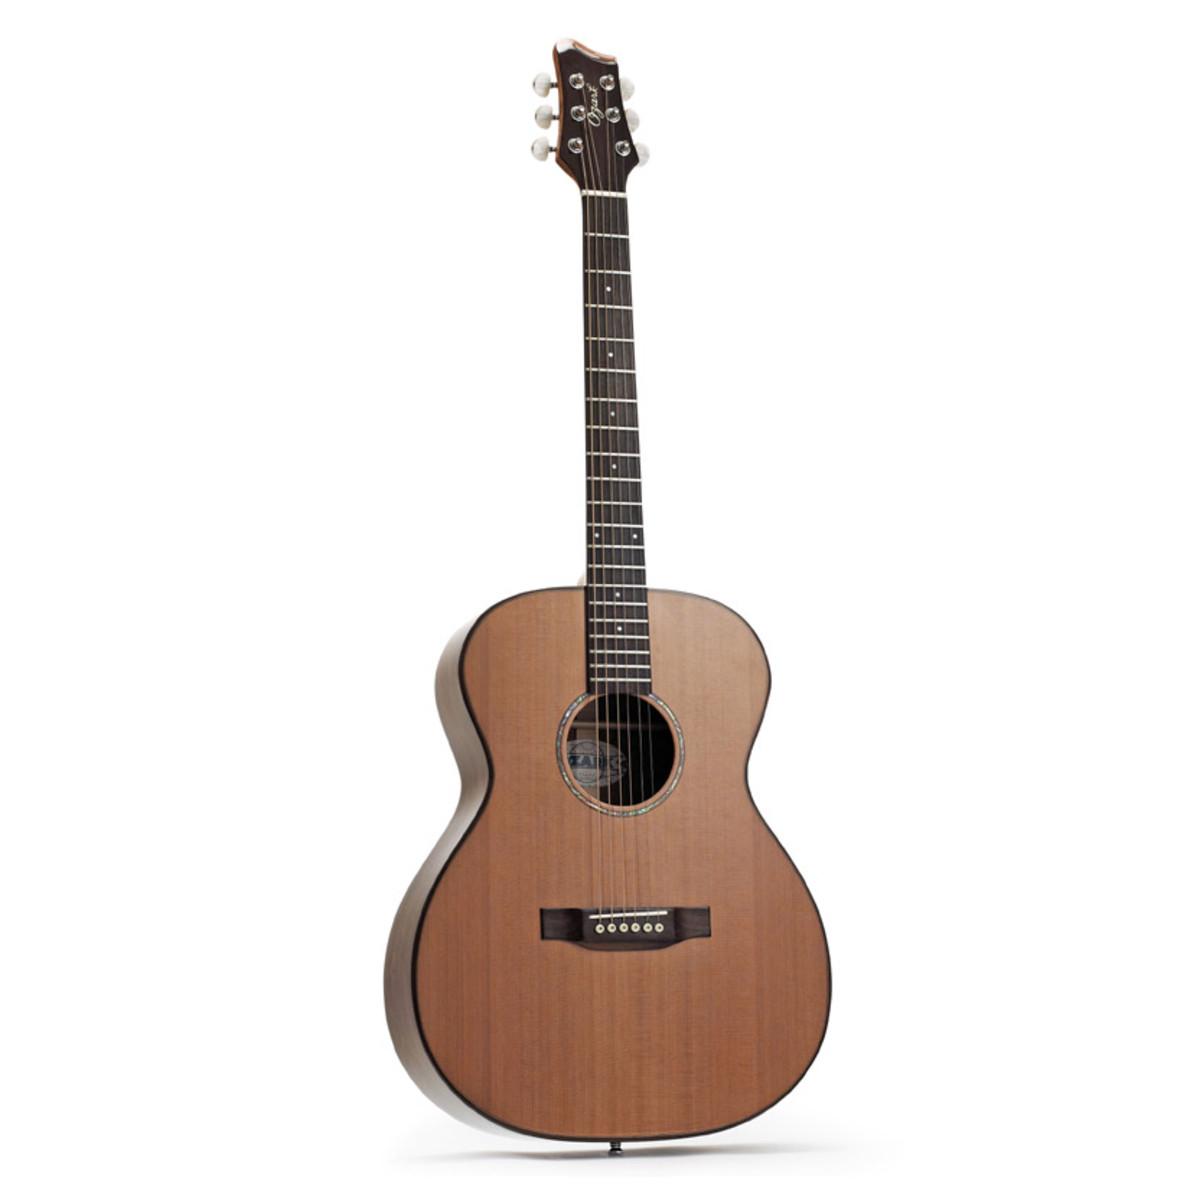 guitare folk acoustiques ozark petit corps accessoires. Black Bedroom Furniture Sets. Home Design Ideas